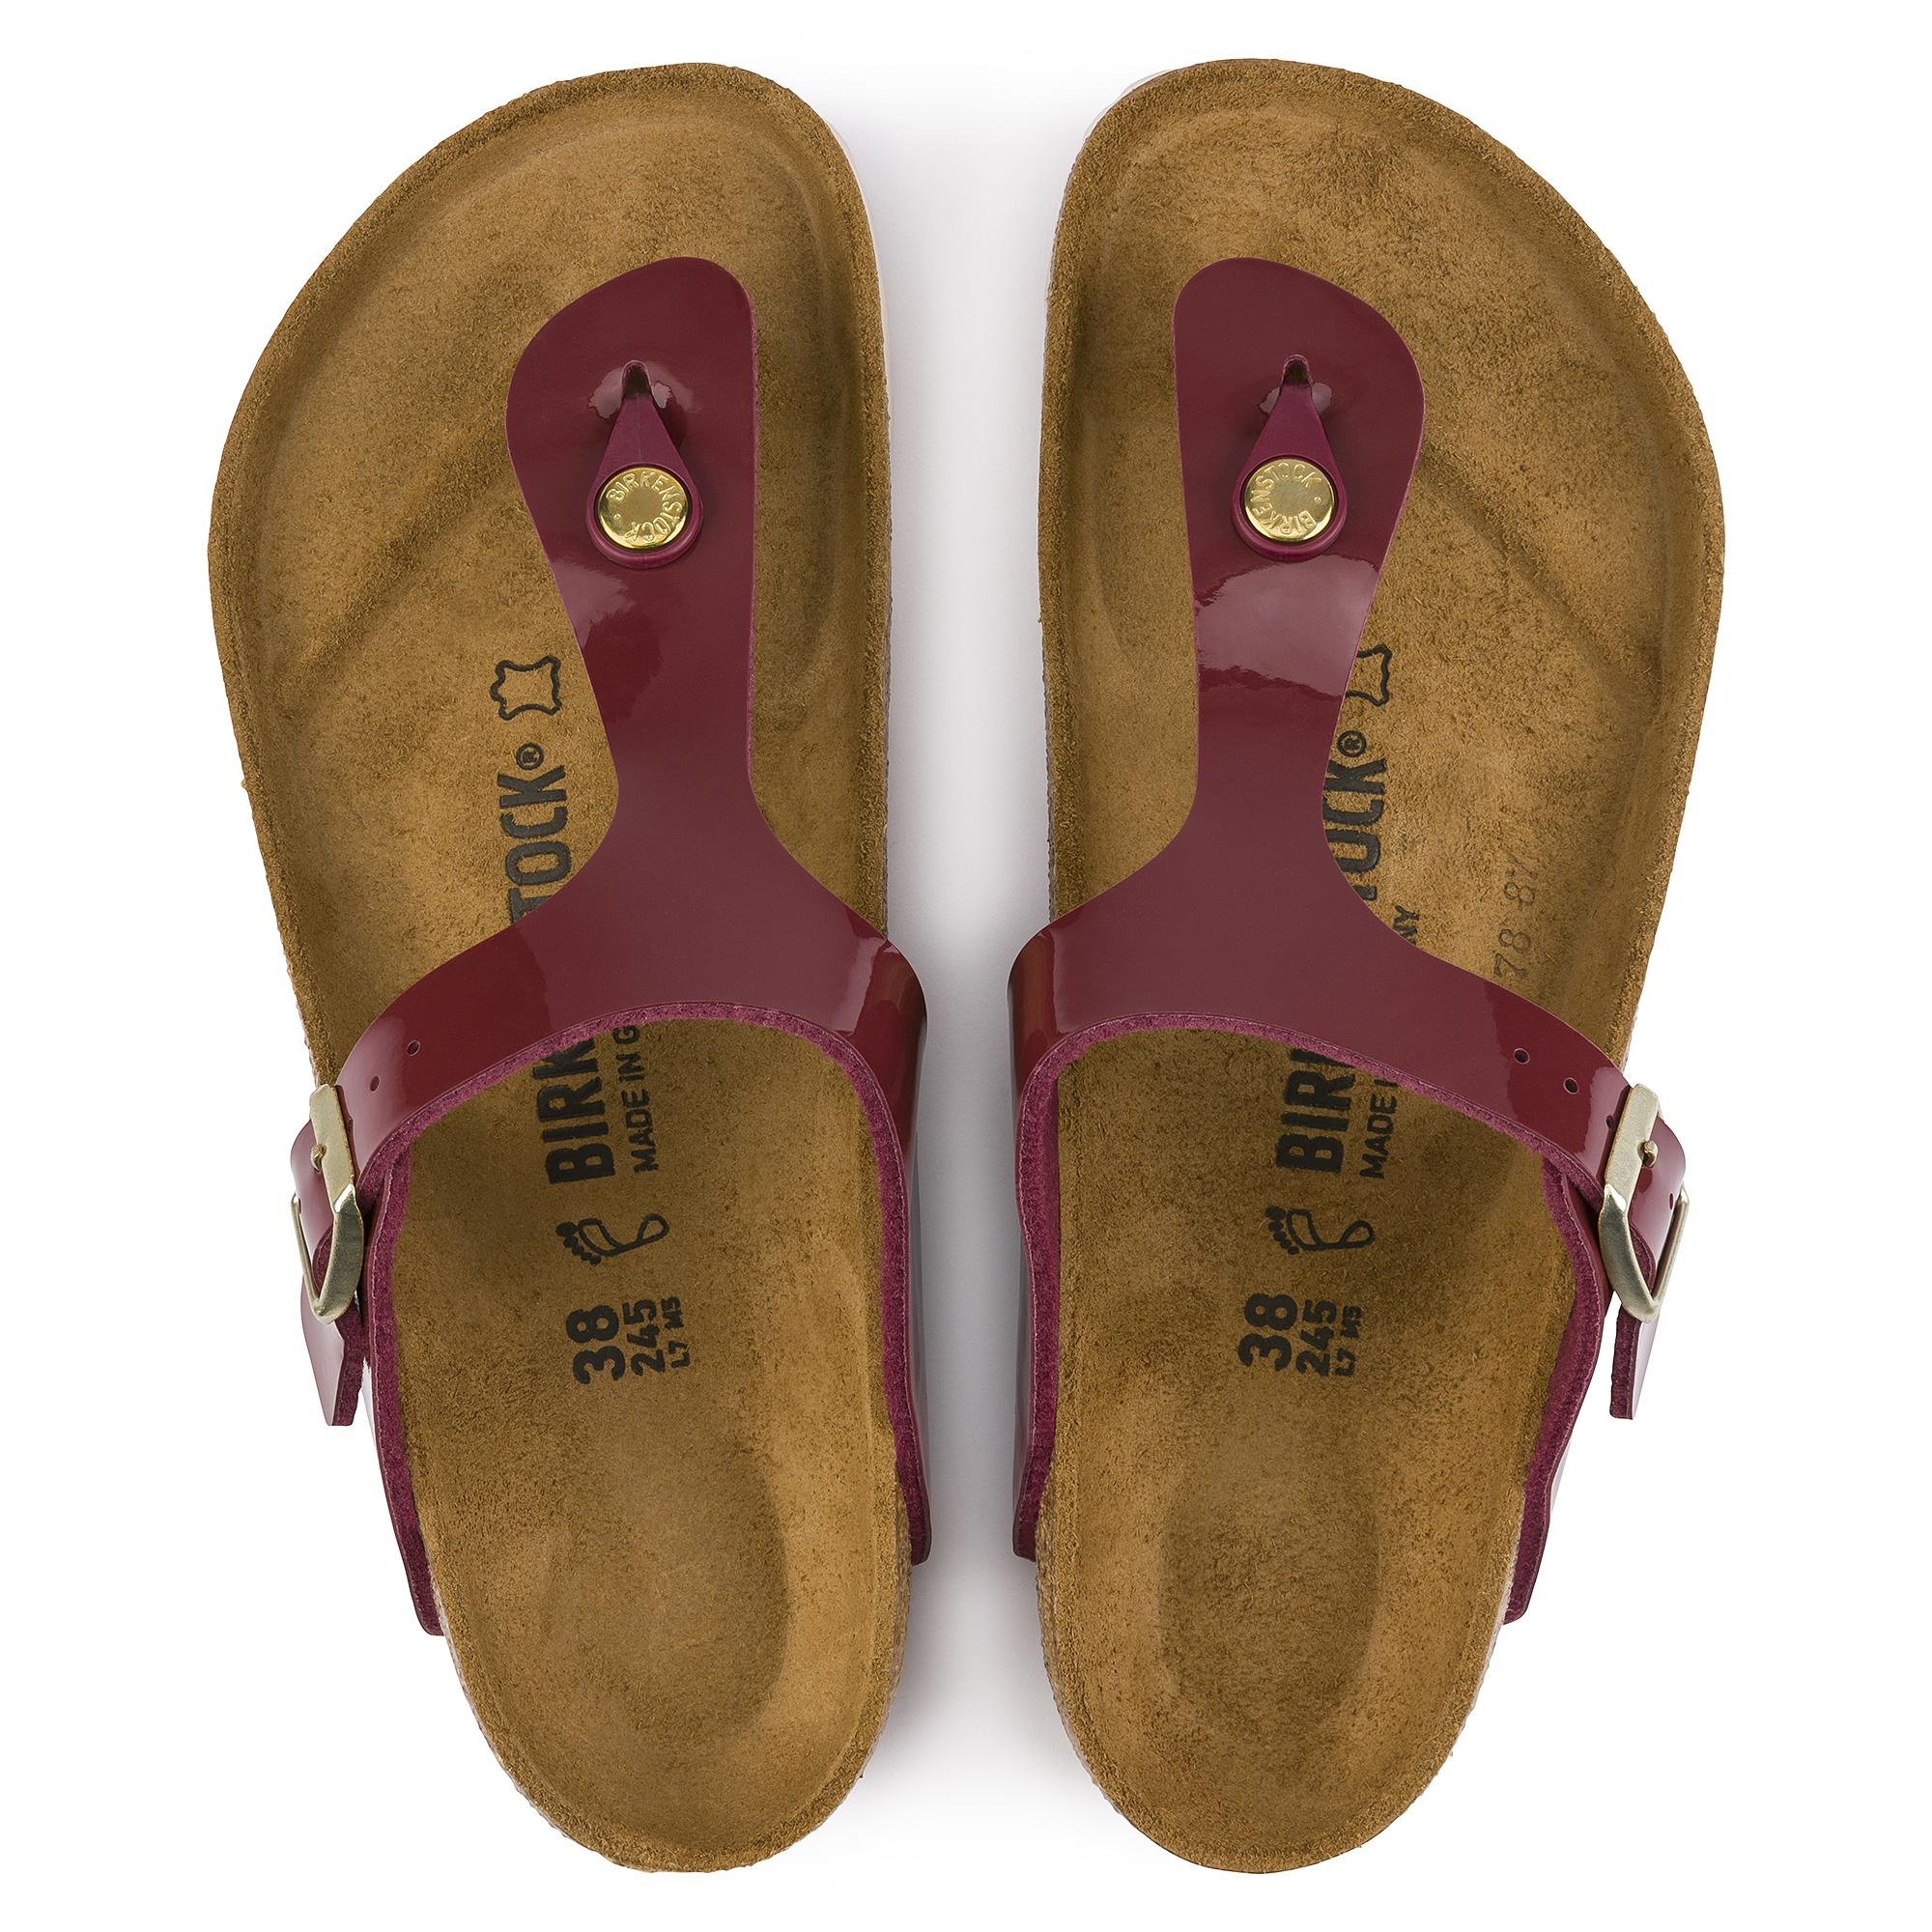 1013073 BIRKENSTOCK flip flops FRAU   Shoes & Company